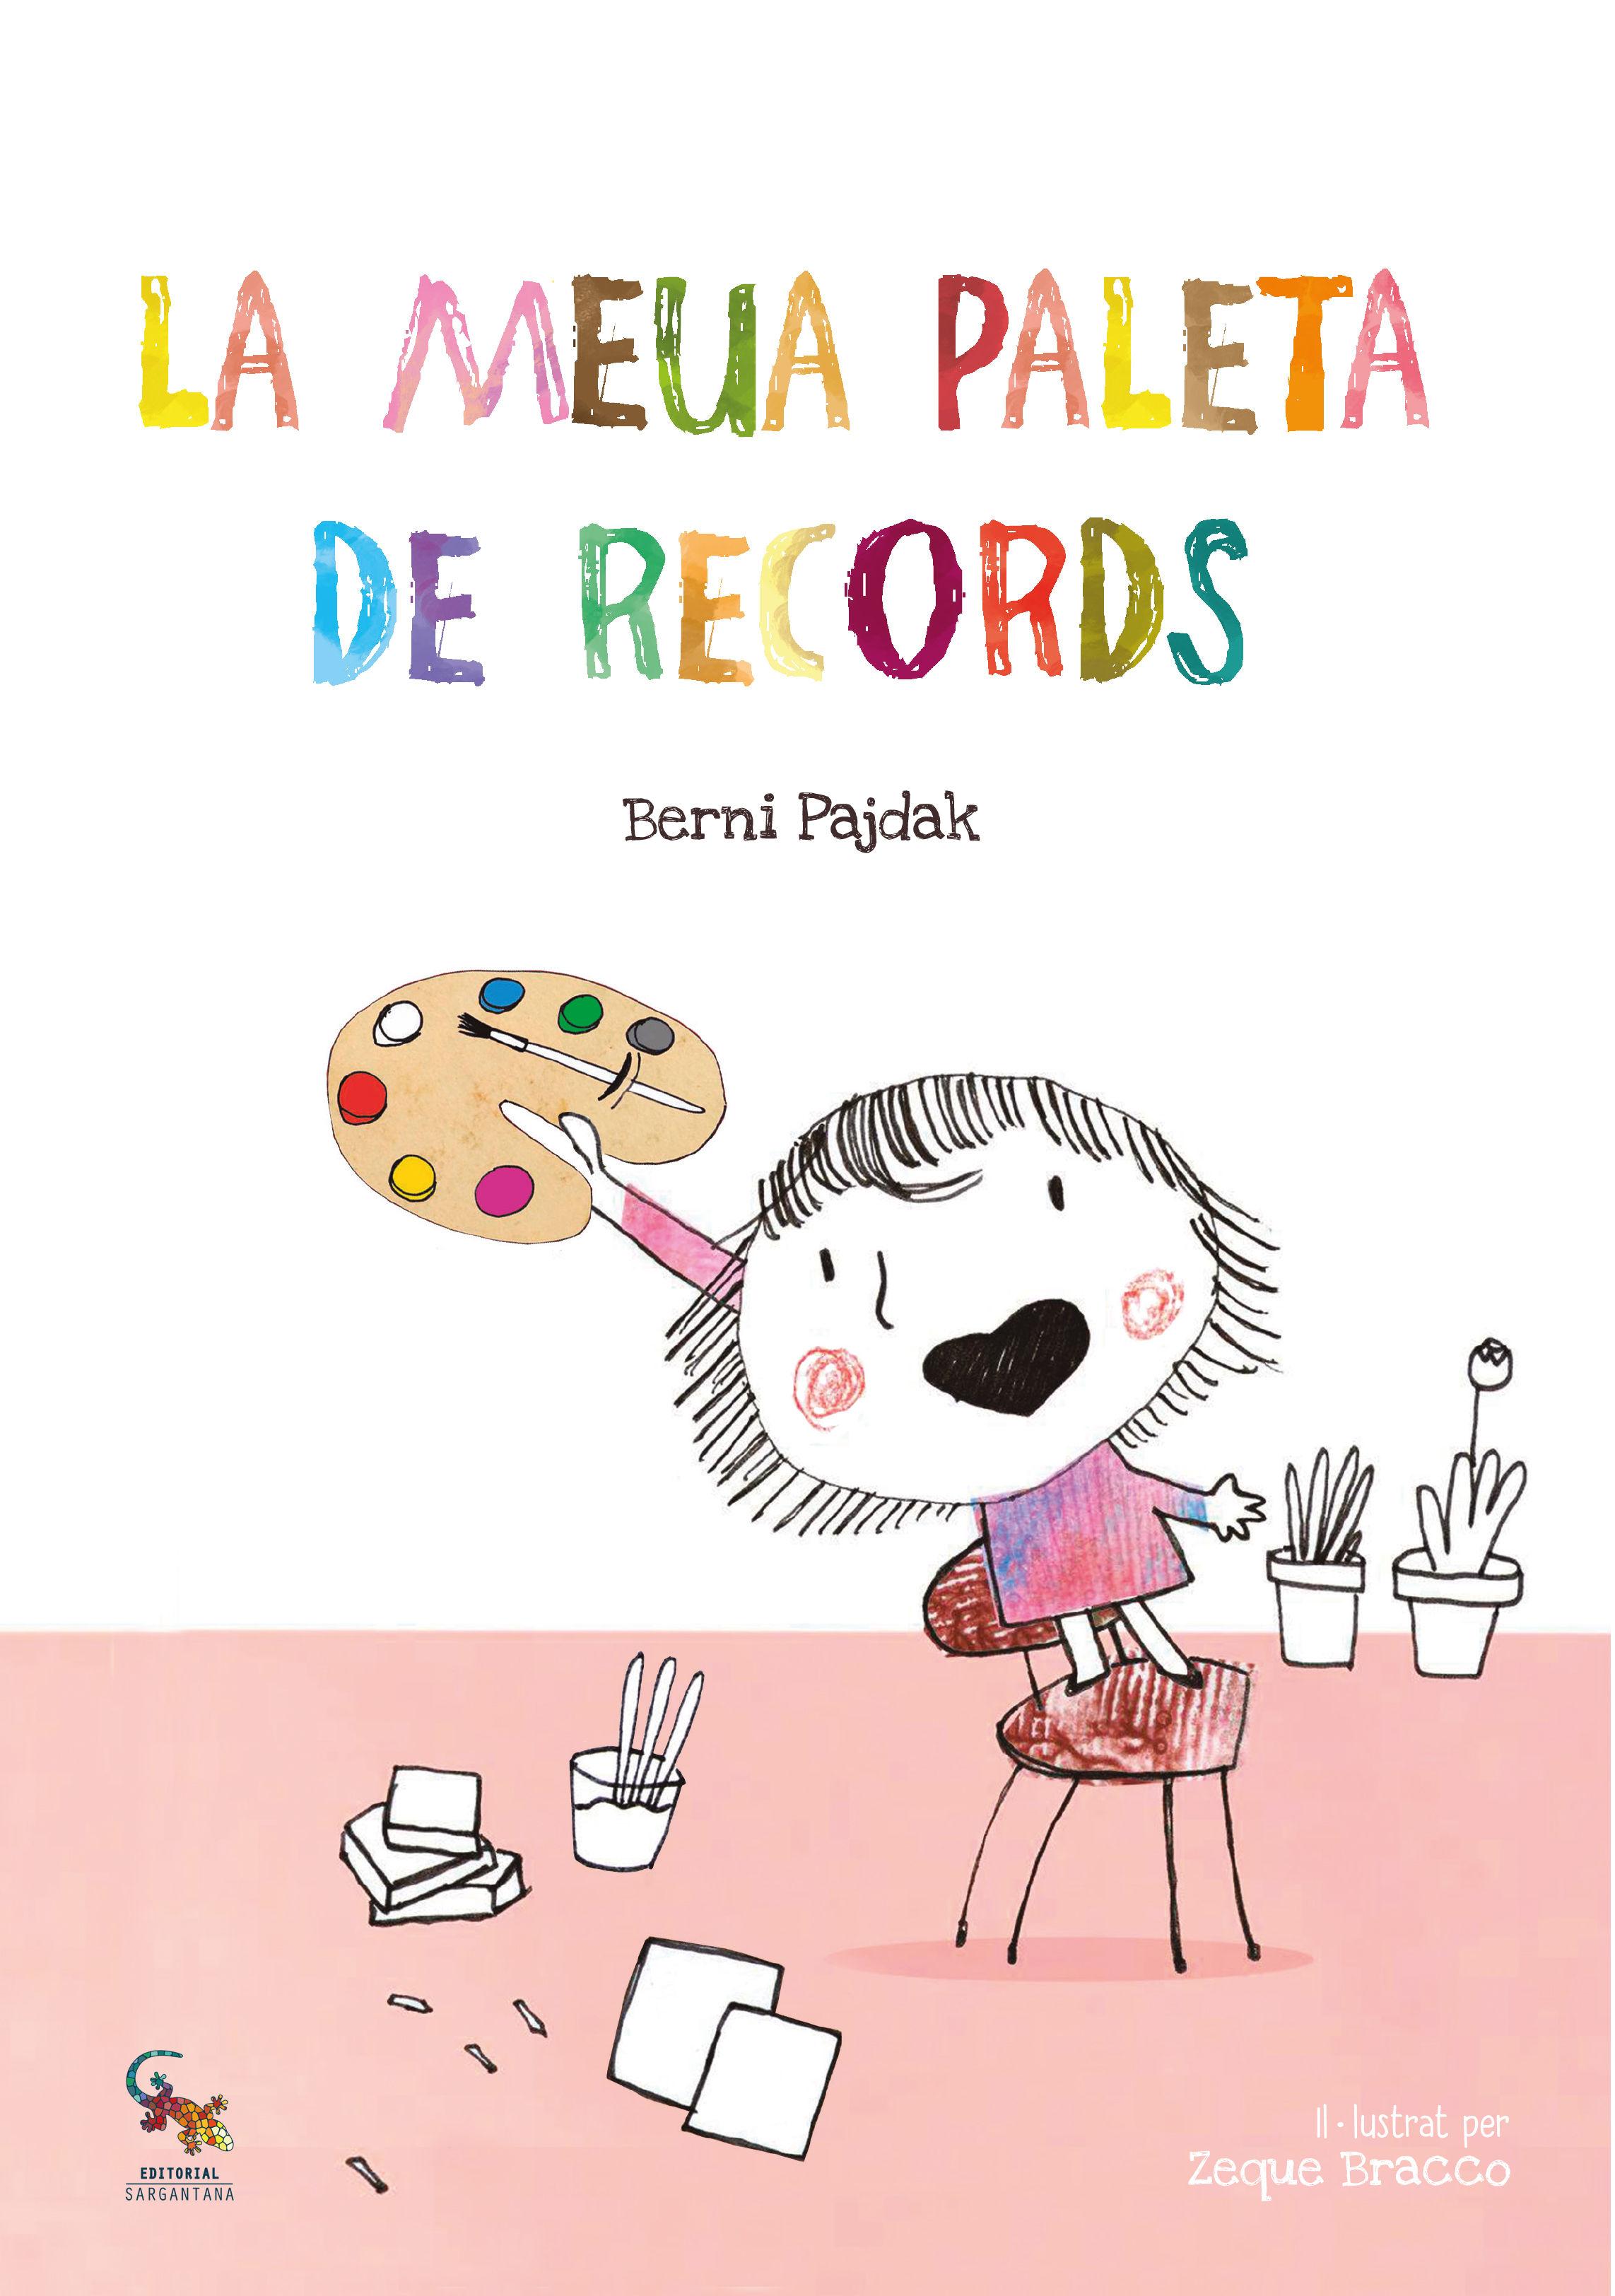 MEVA PALETA DE RODORDS LA